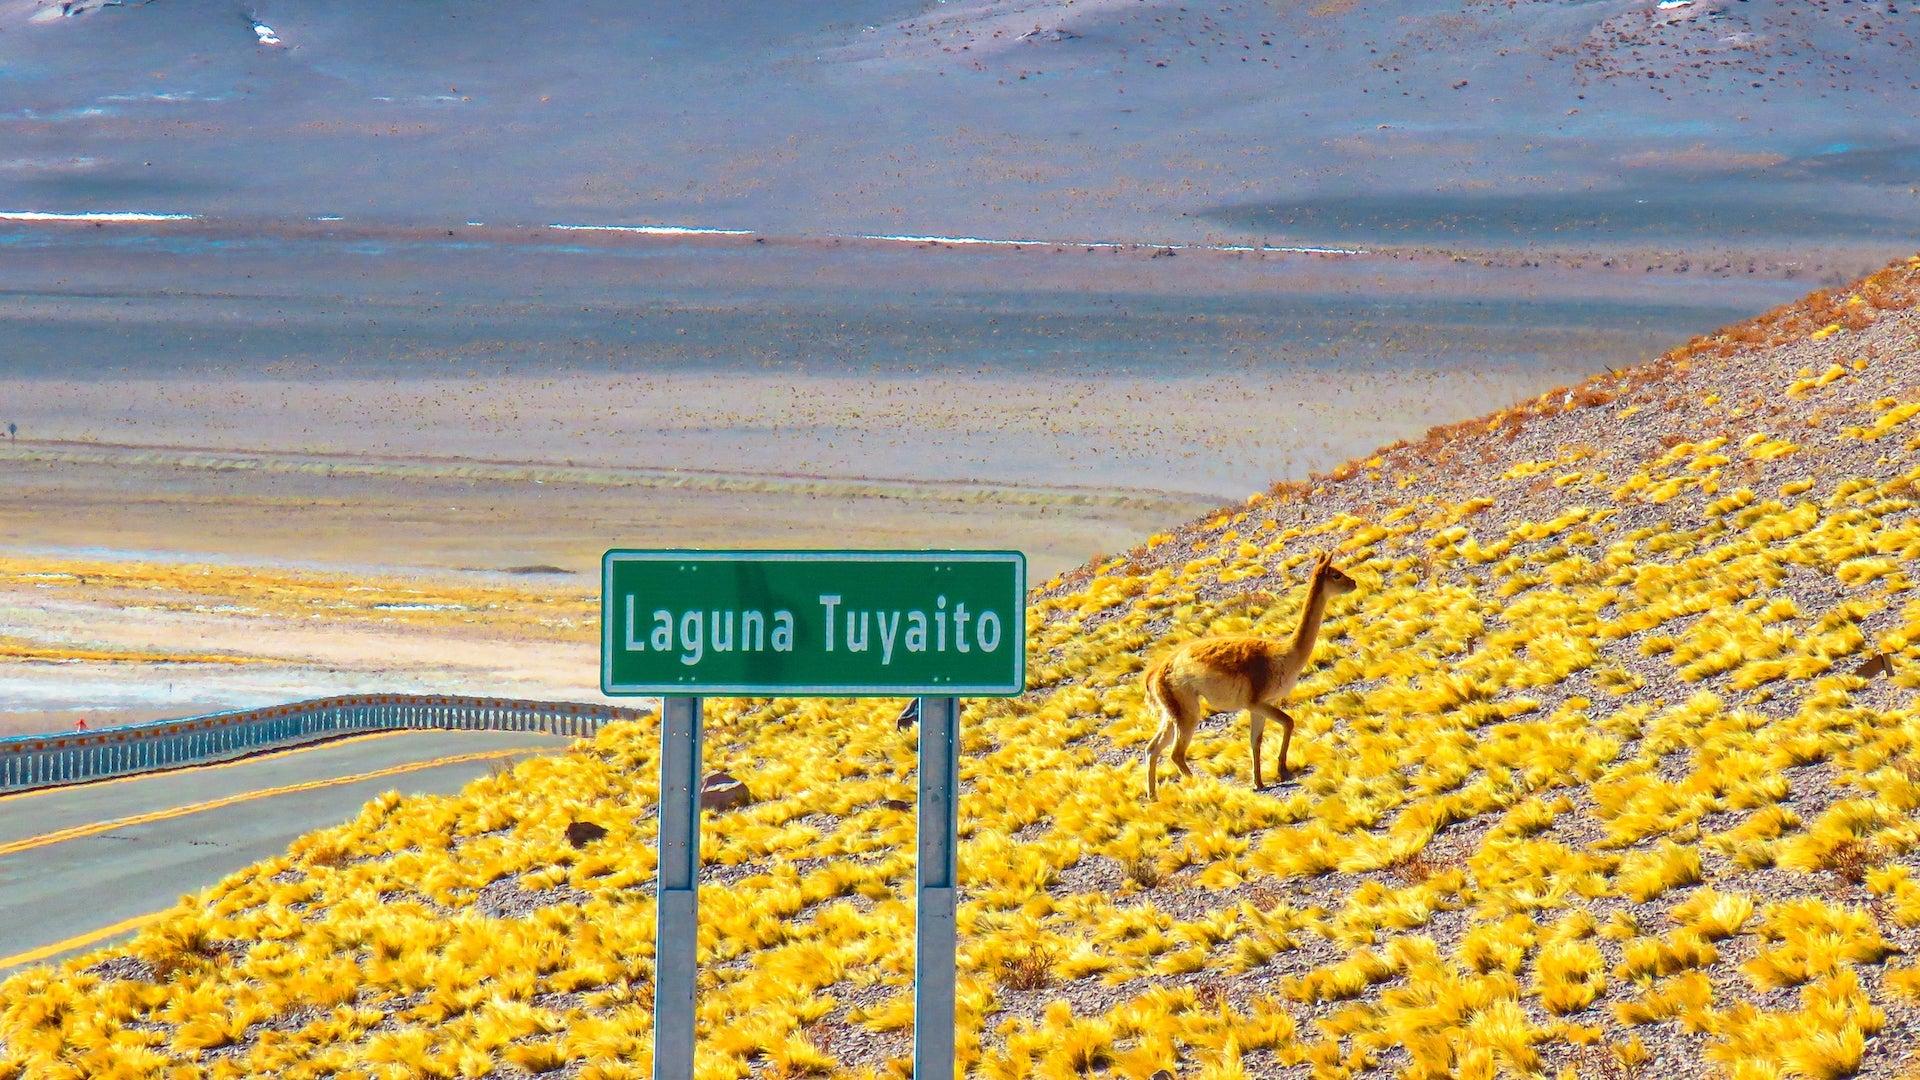 como chegar ao Deserto do Atacama - Santiago - Chile